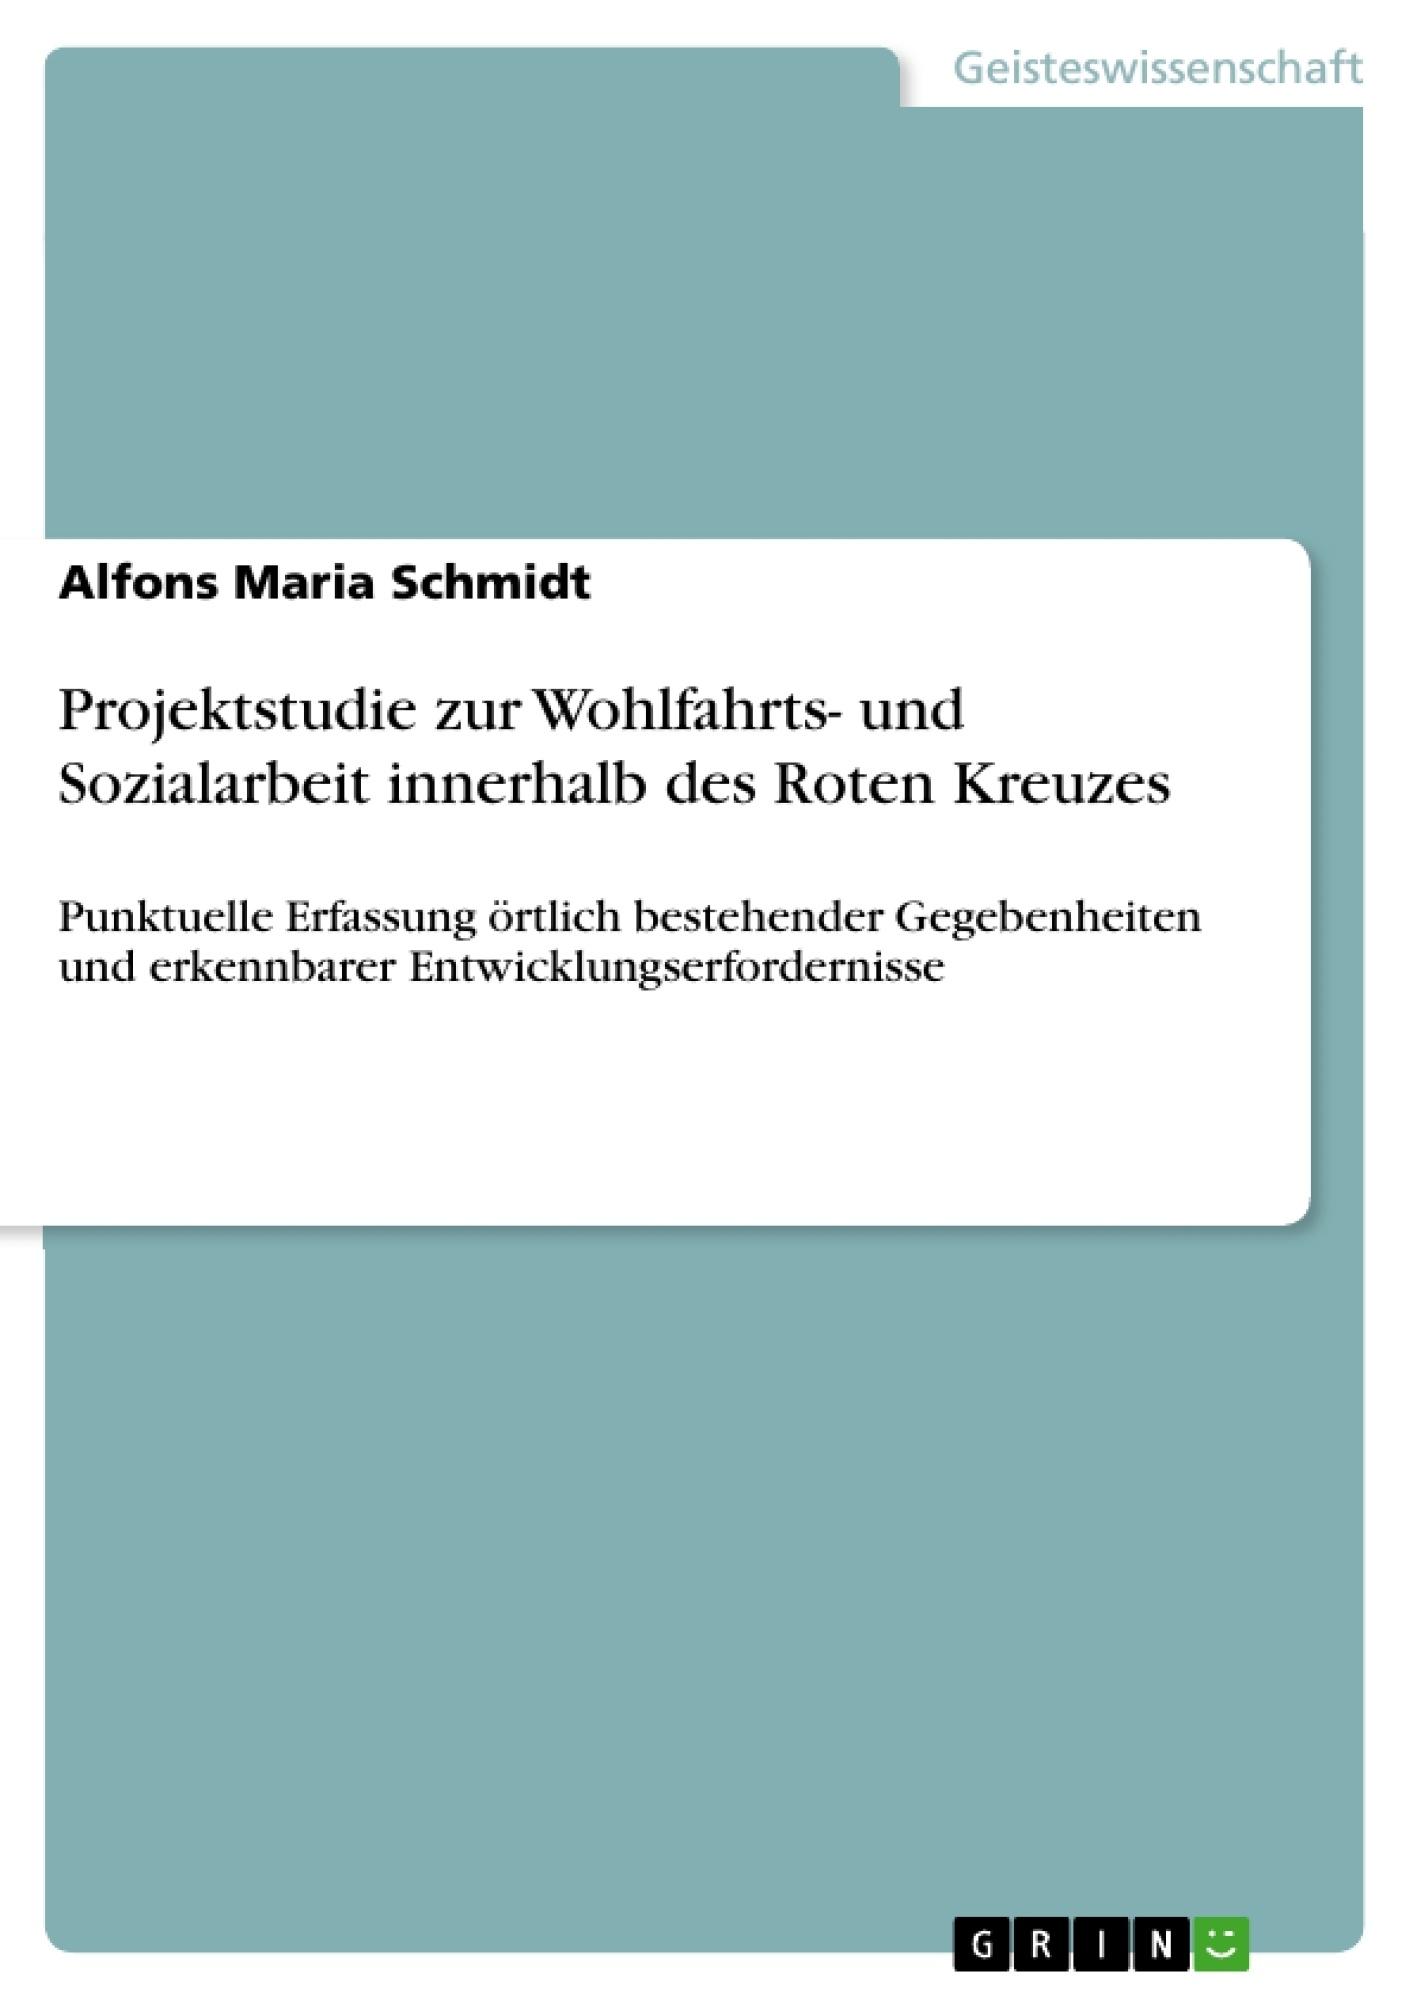 Titel: Projektstudie zur Wohlfahrts- und Sozialarbeit innerhalb des Roten Kreuzes